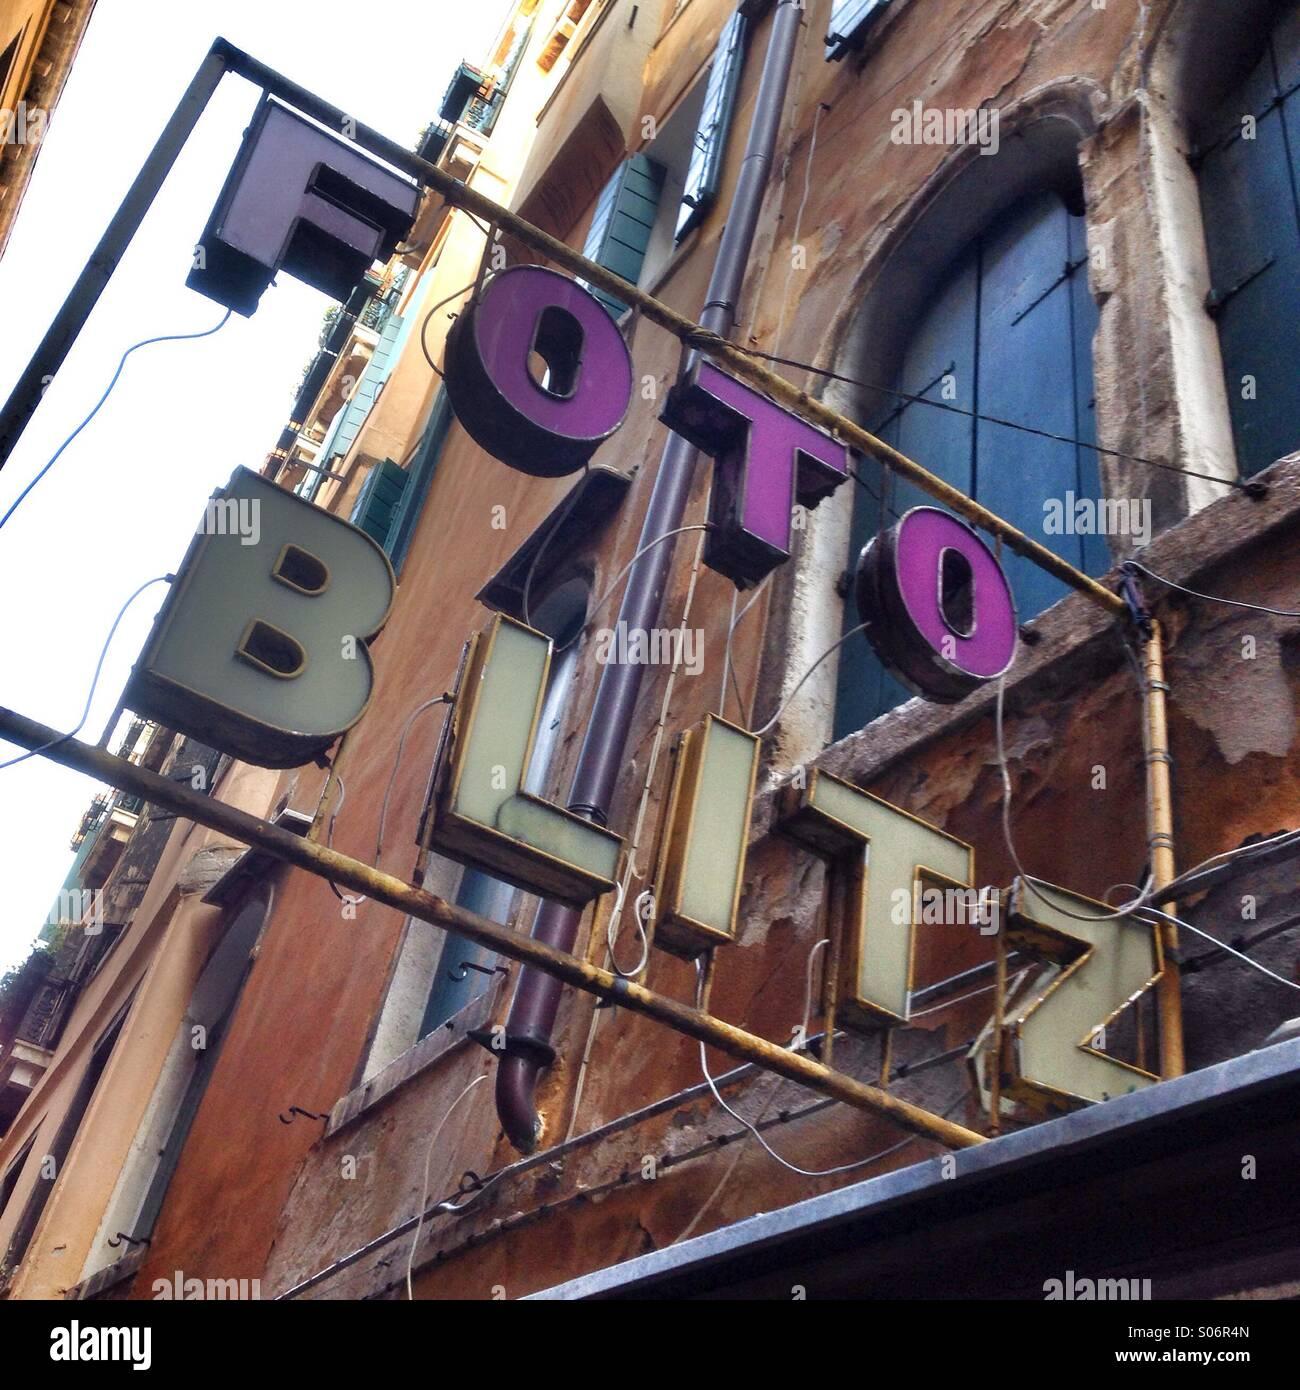 Fotocamera shop segno a Venezia, Italia Immagini Stock